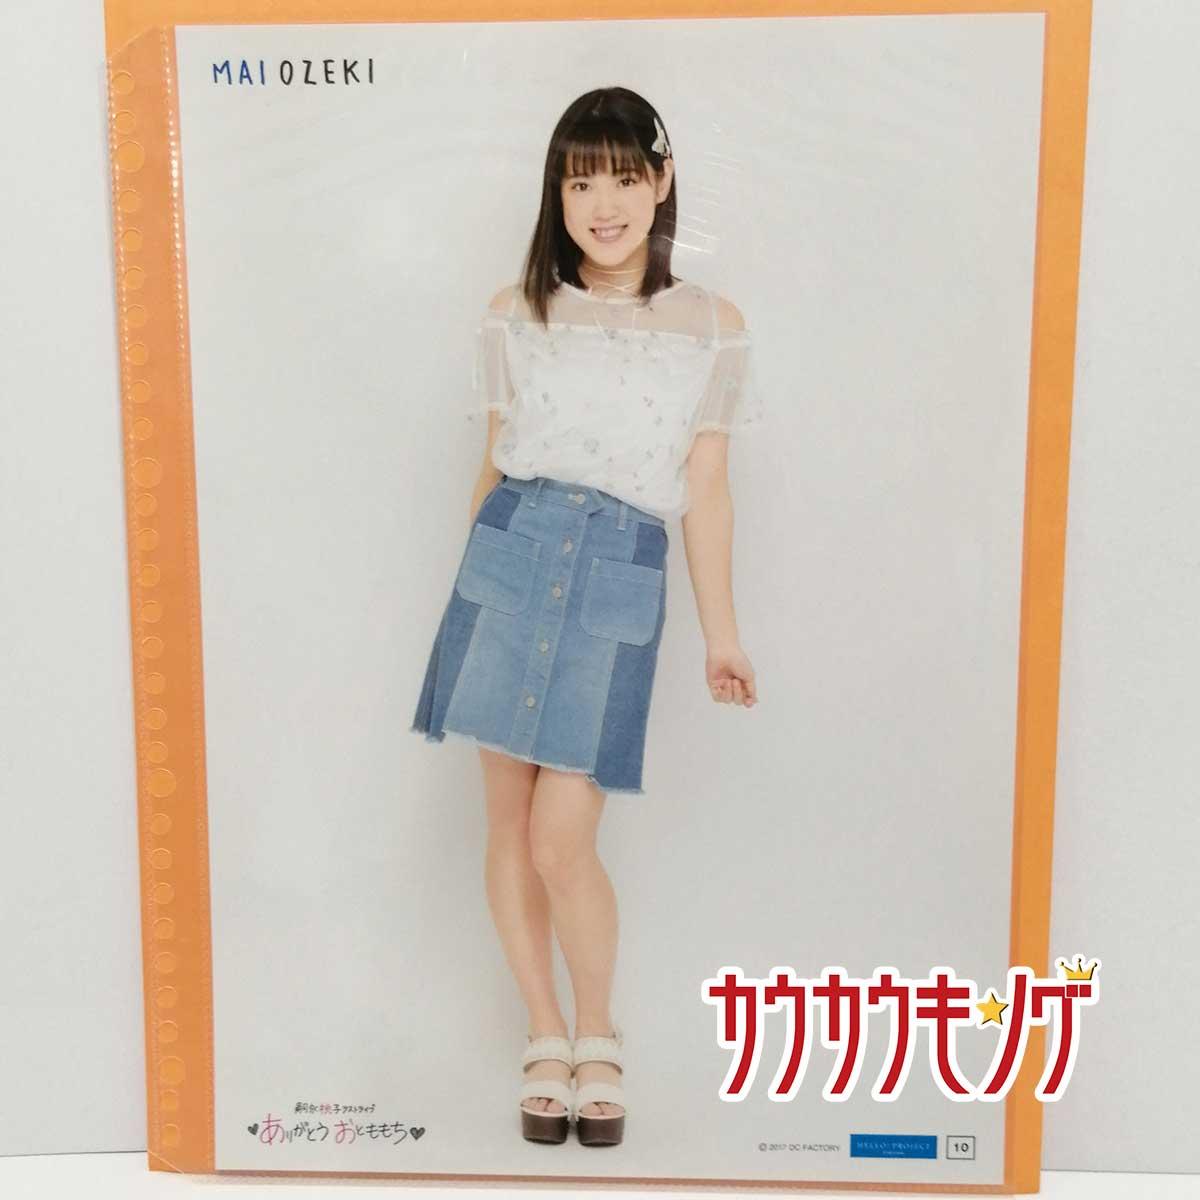 中古 小関舞 新着 10 コレクションピンナップポスター 売却 嗣永桃子ラストライブ ハロプロ ピンポス カントリーガールズ ありがとうももち